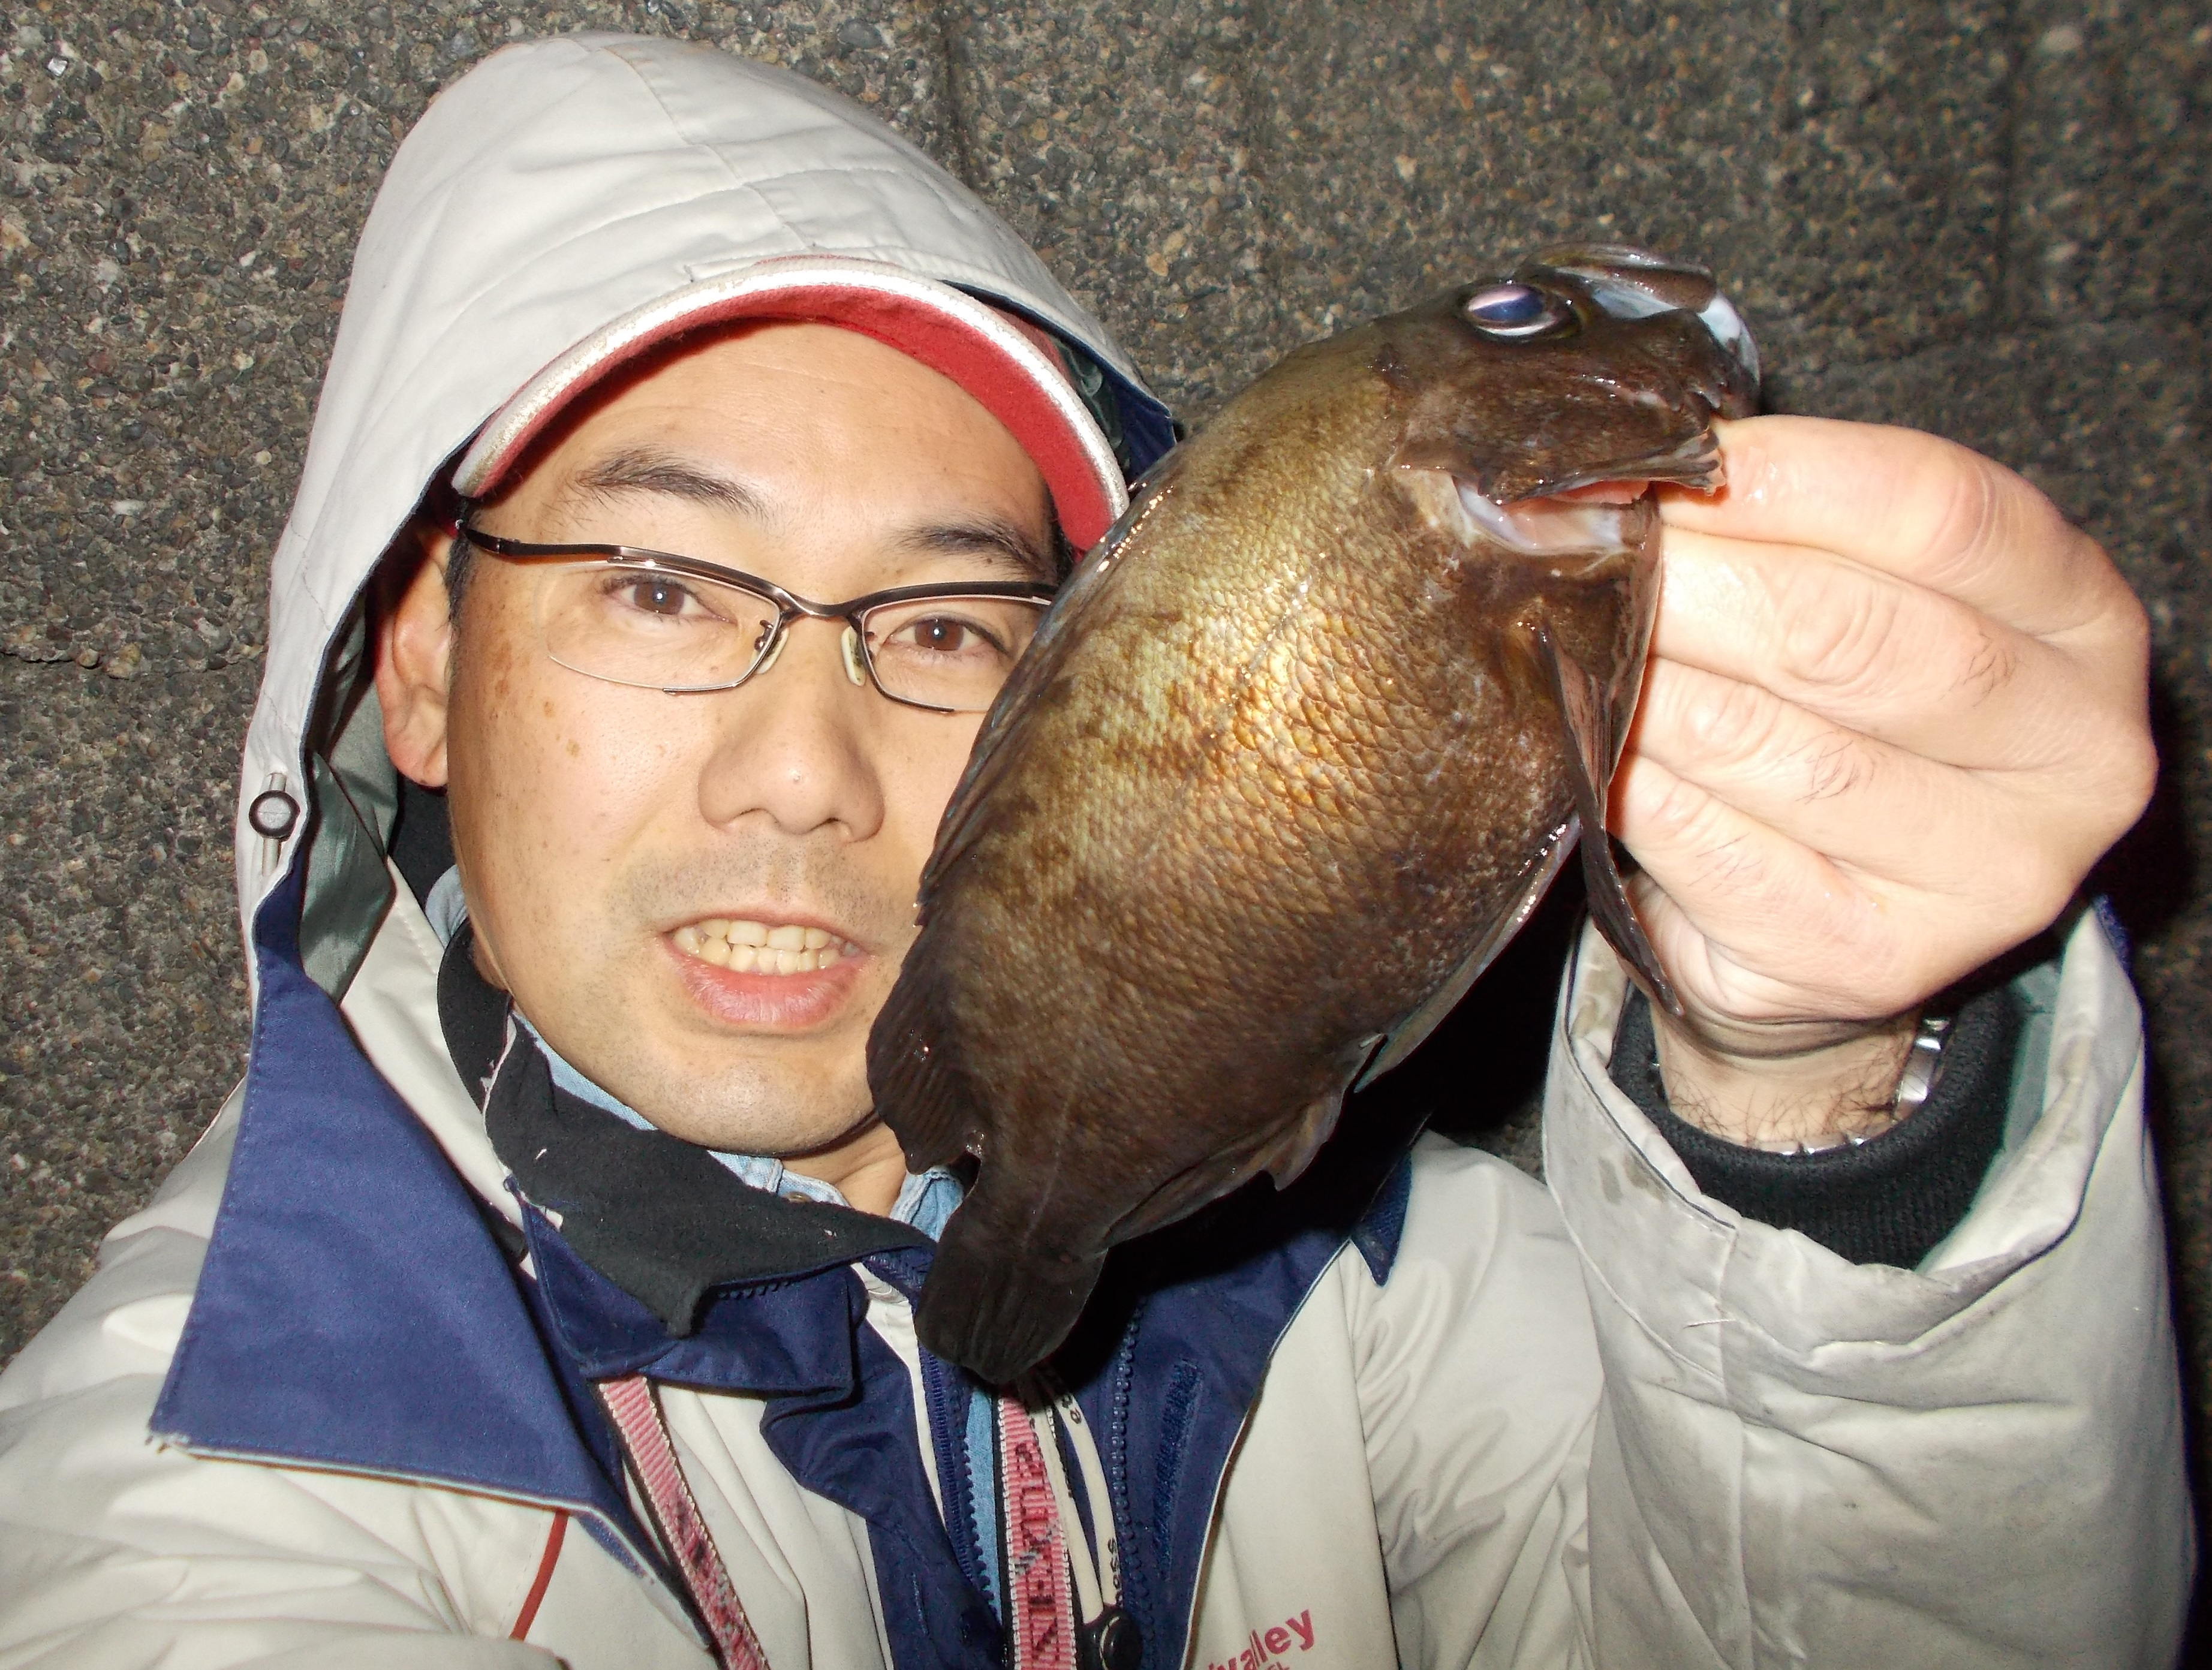 風が強く釣りにくかったですが何とか釣る事が出来ました。防寒対策はしっかりとして下さい、寒いと集中出来ません。